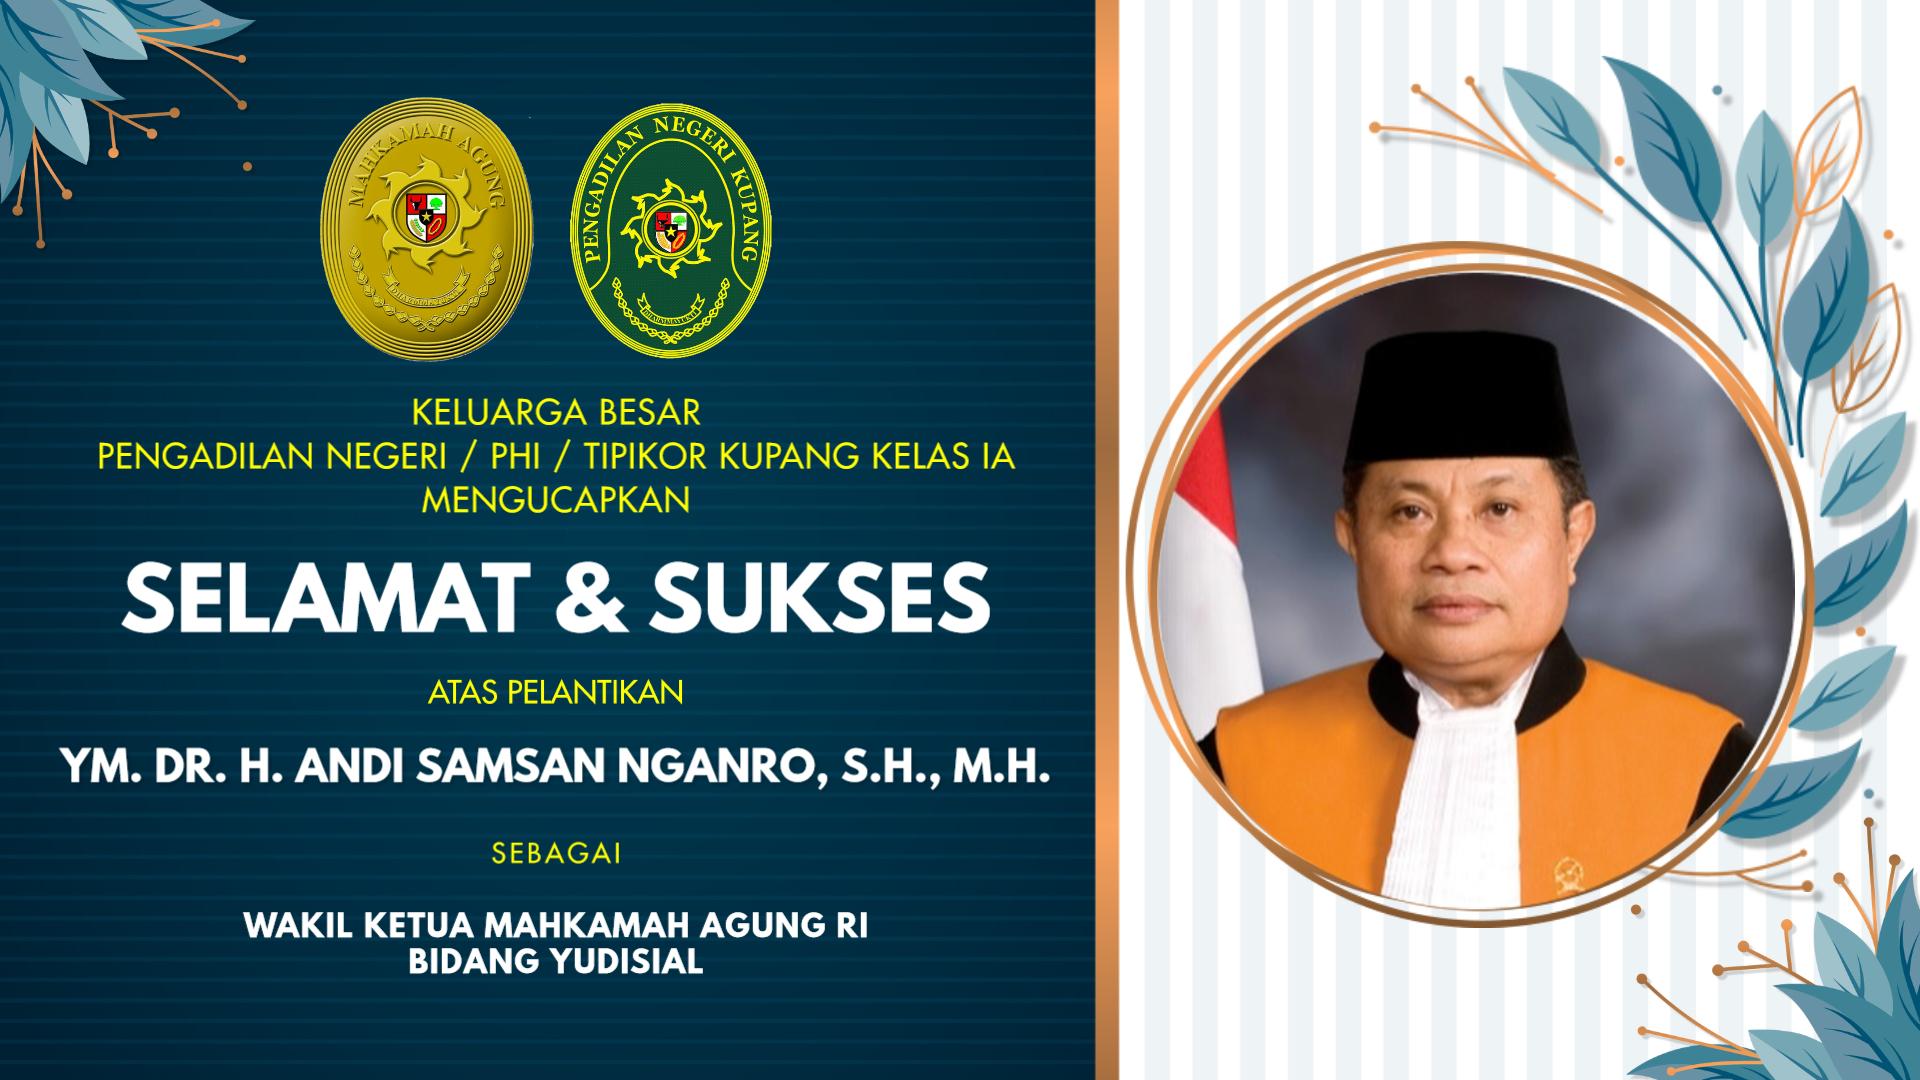 Pelantikan Wakil Ketua Mahkamah Agung RI Bidang Yudisial